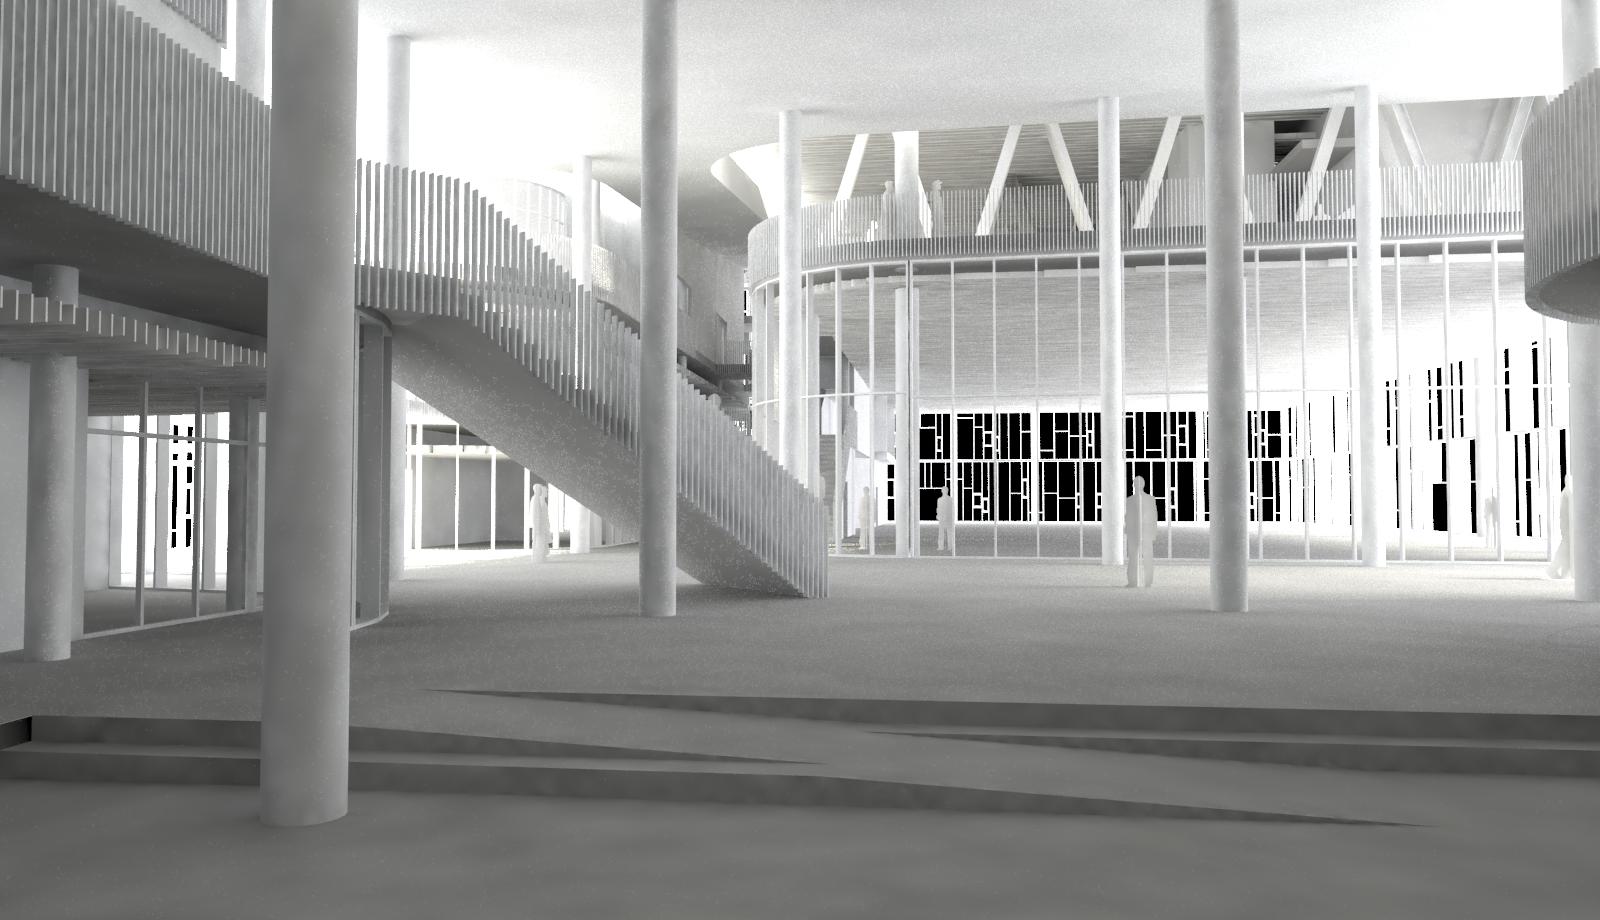 Interiør_02